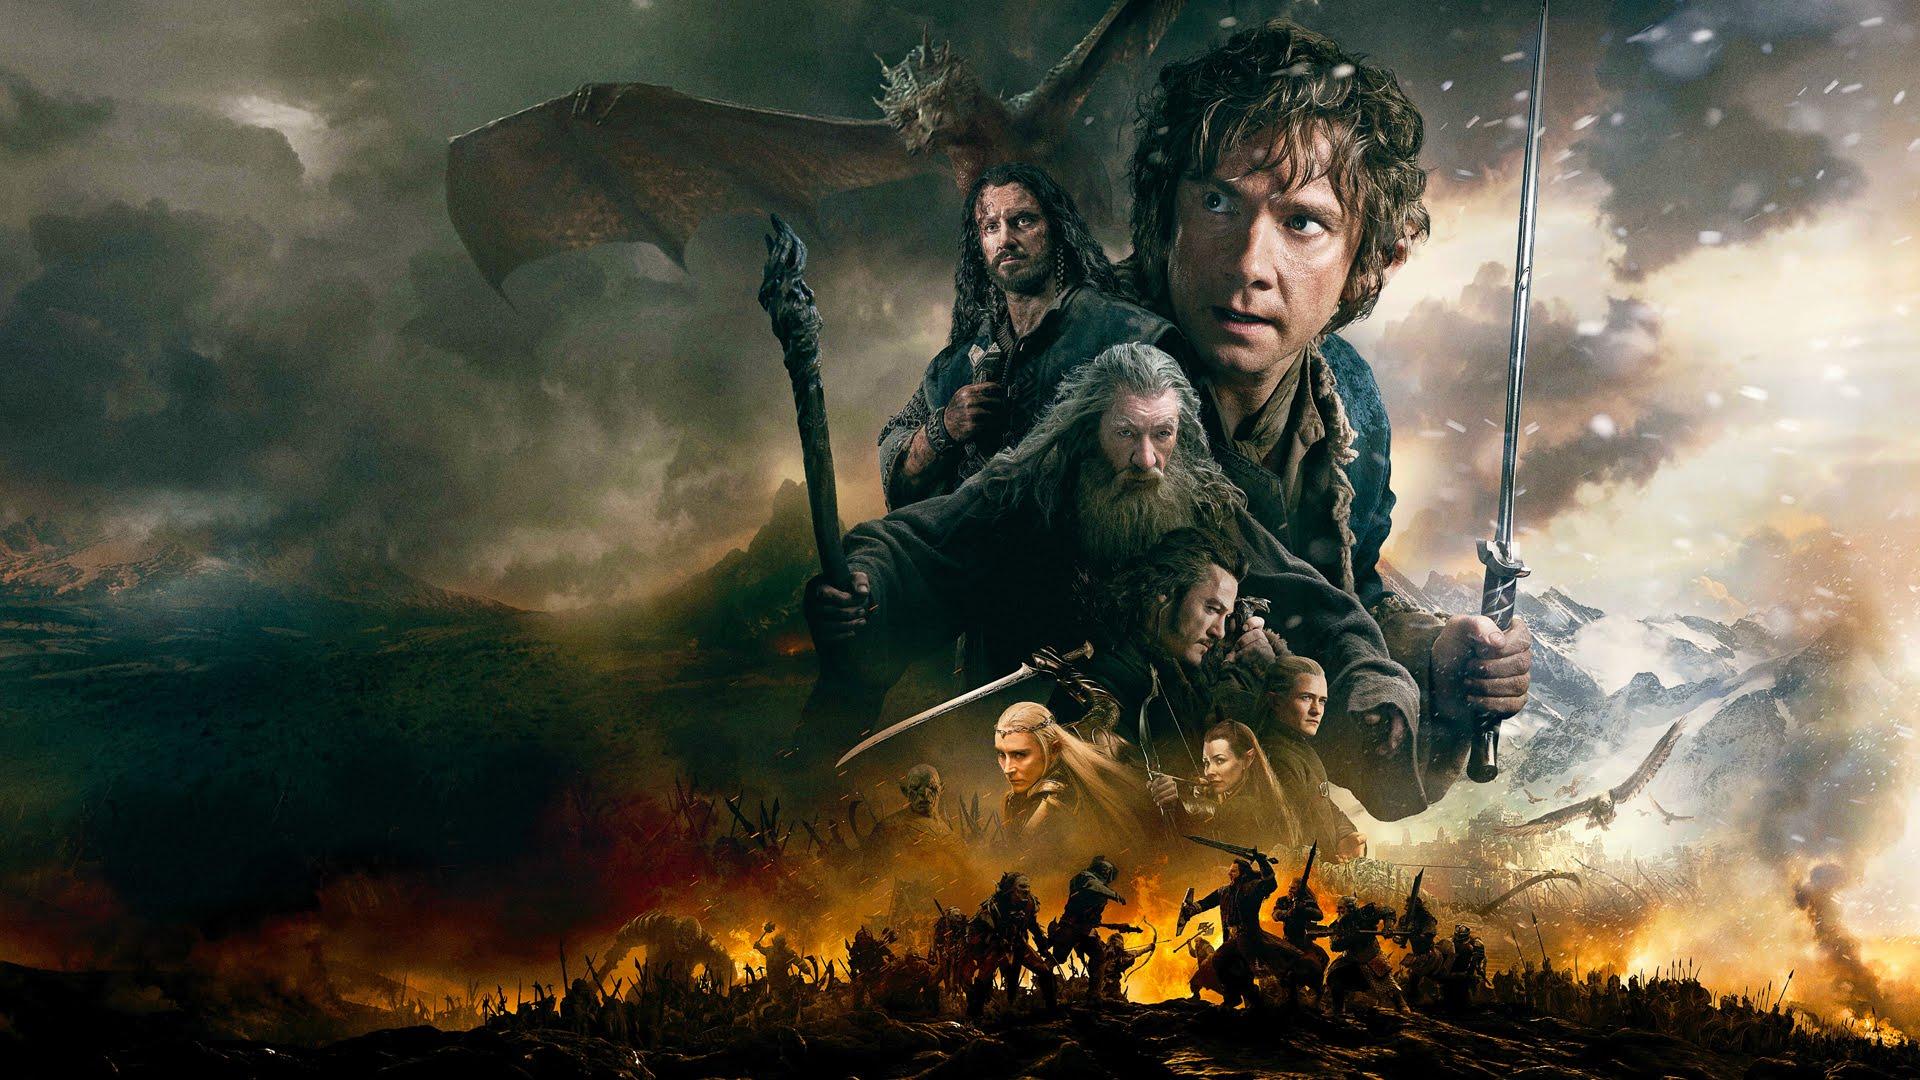 Desktop Wallpaper Tolkien Quote La Edici 243 N Extendida De El Hobbit La Batalla De Los Cinco